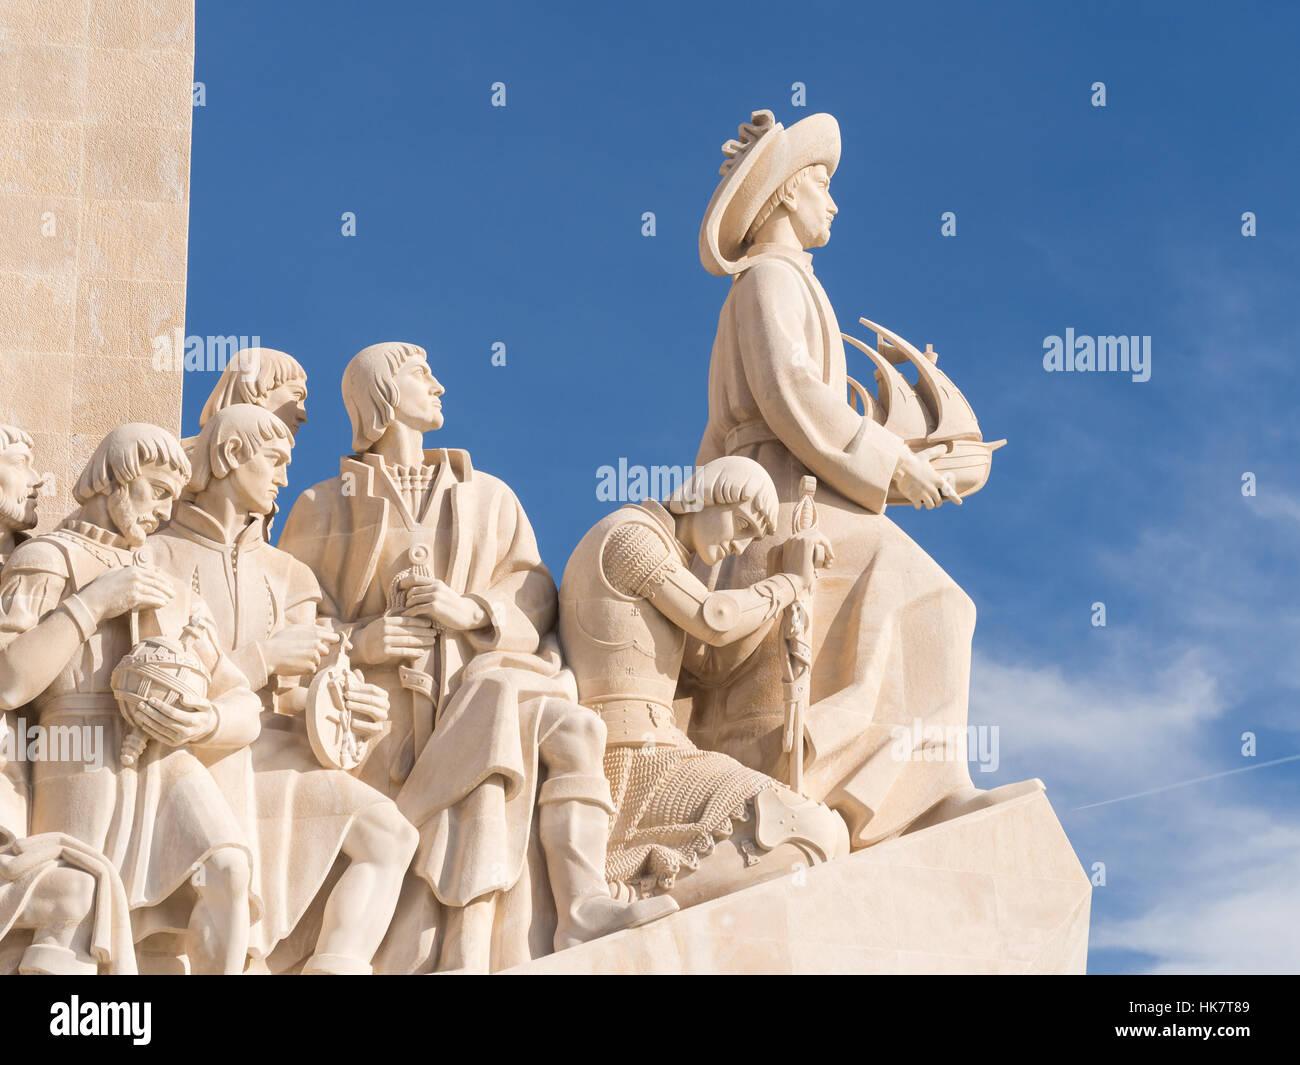 Un monumento alle scoperte del Nuovo Mondo in Belem, Lisbona, Portogallo. Immagini Stock